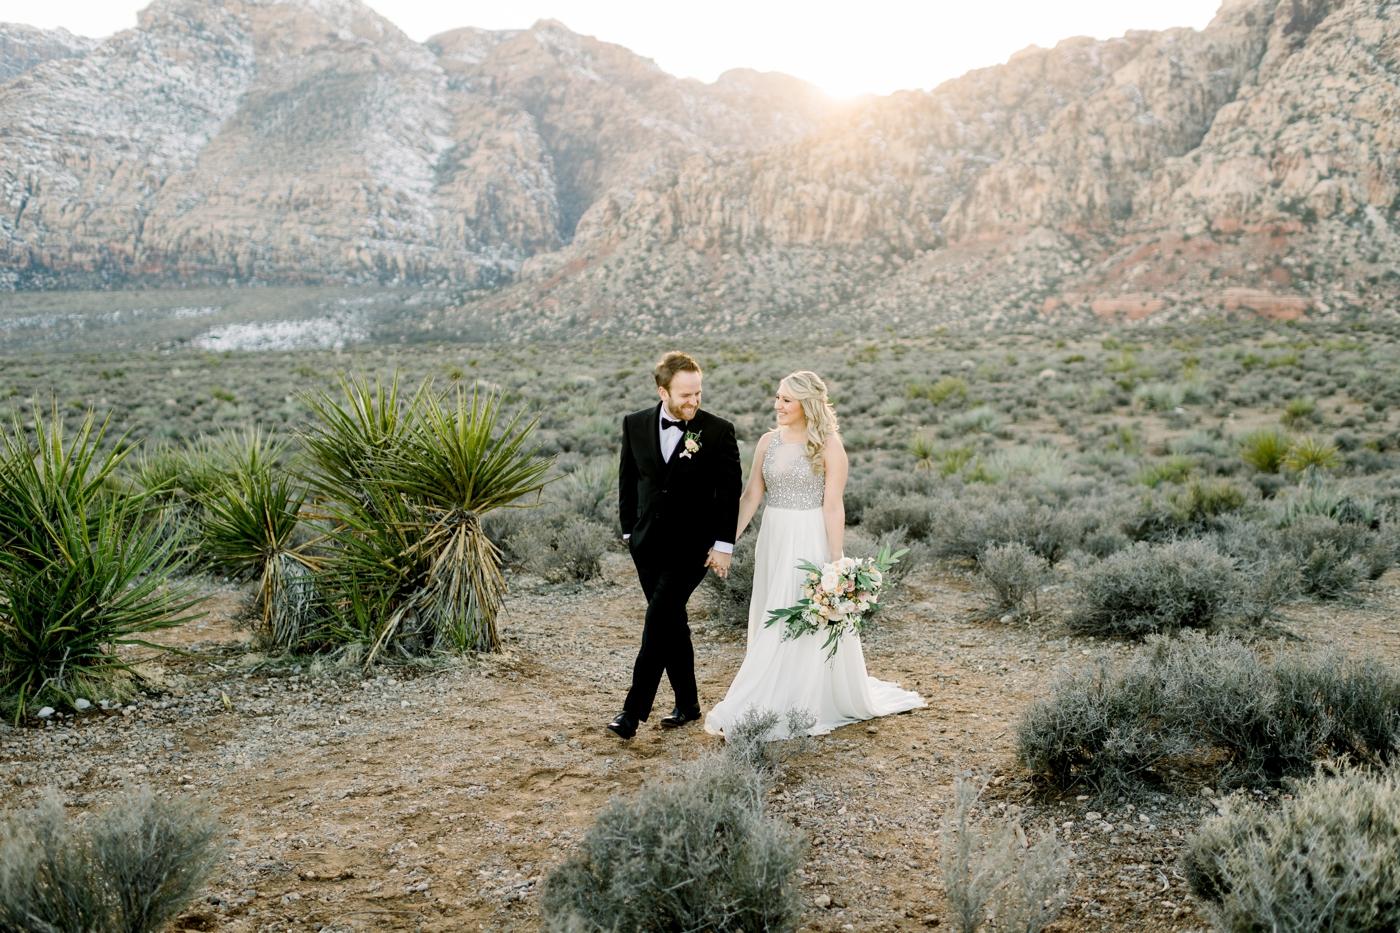 las vegas wedding at red rock canyon